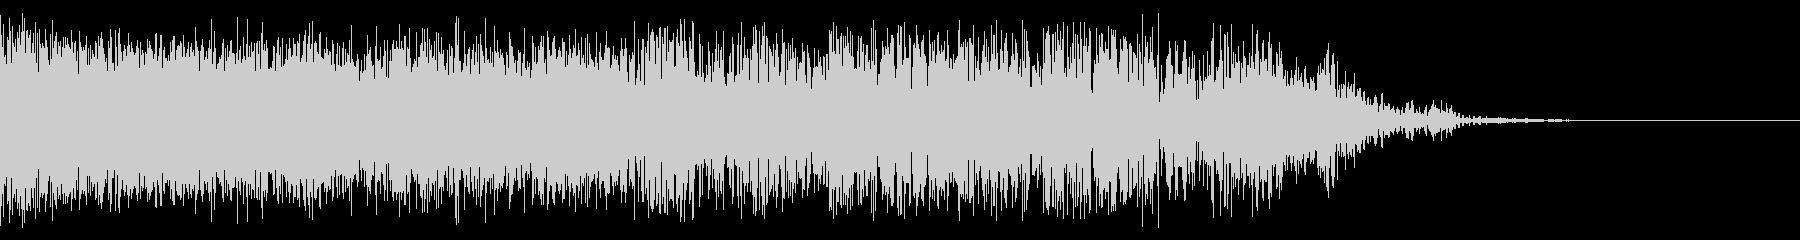 ロングホローザップの未再生の波形